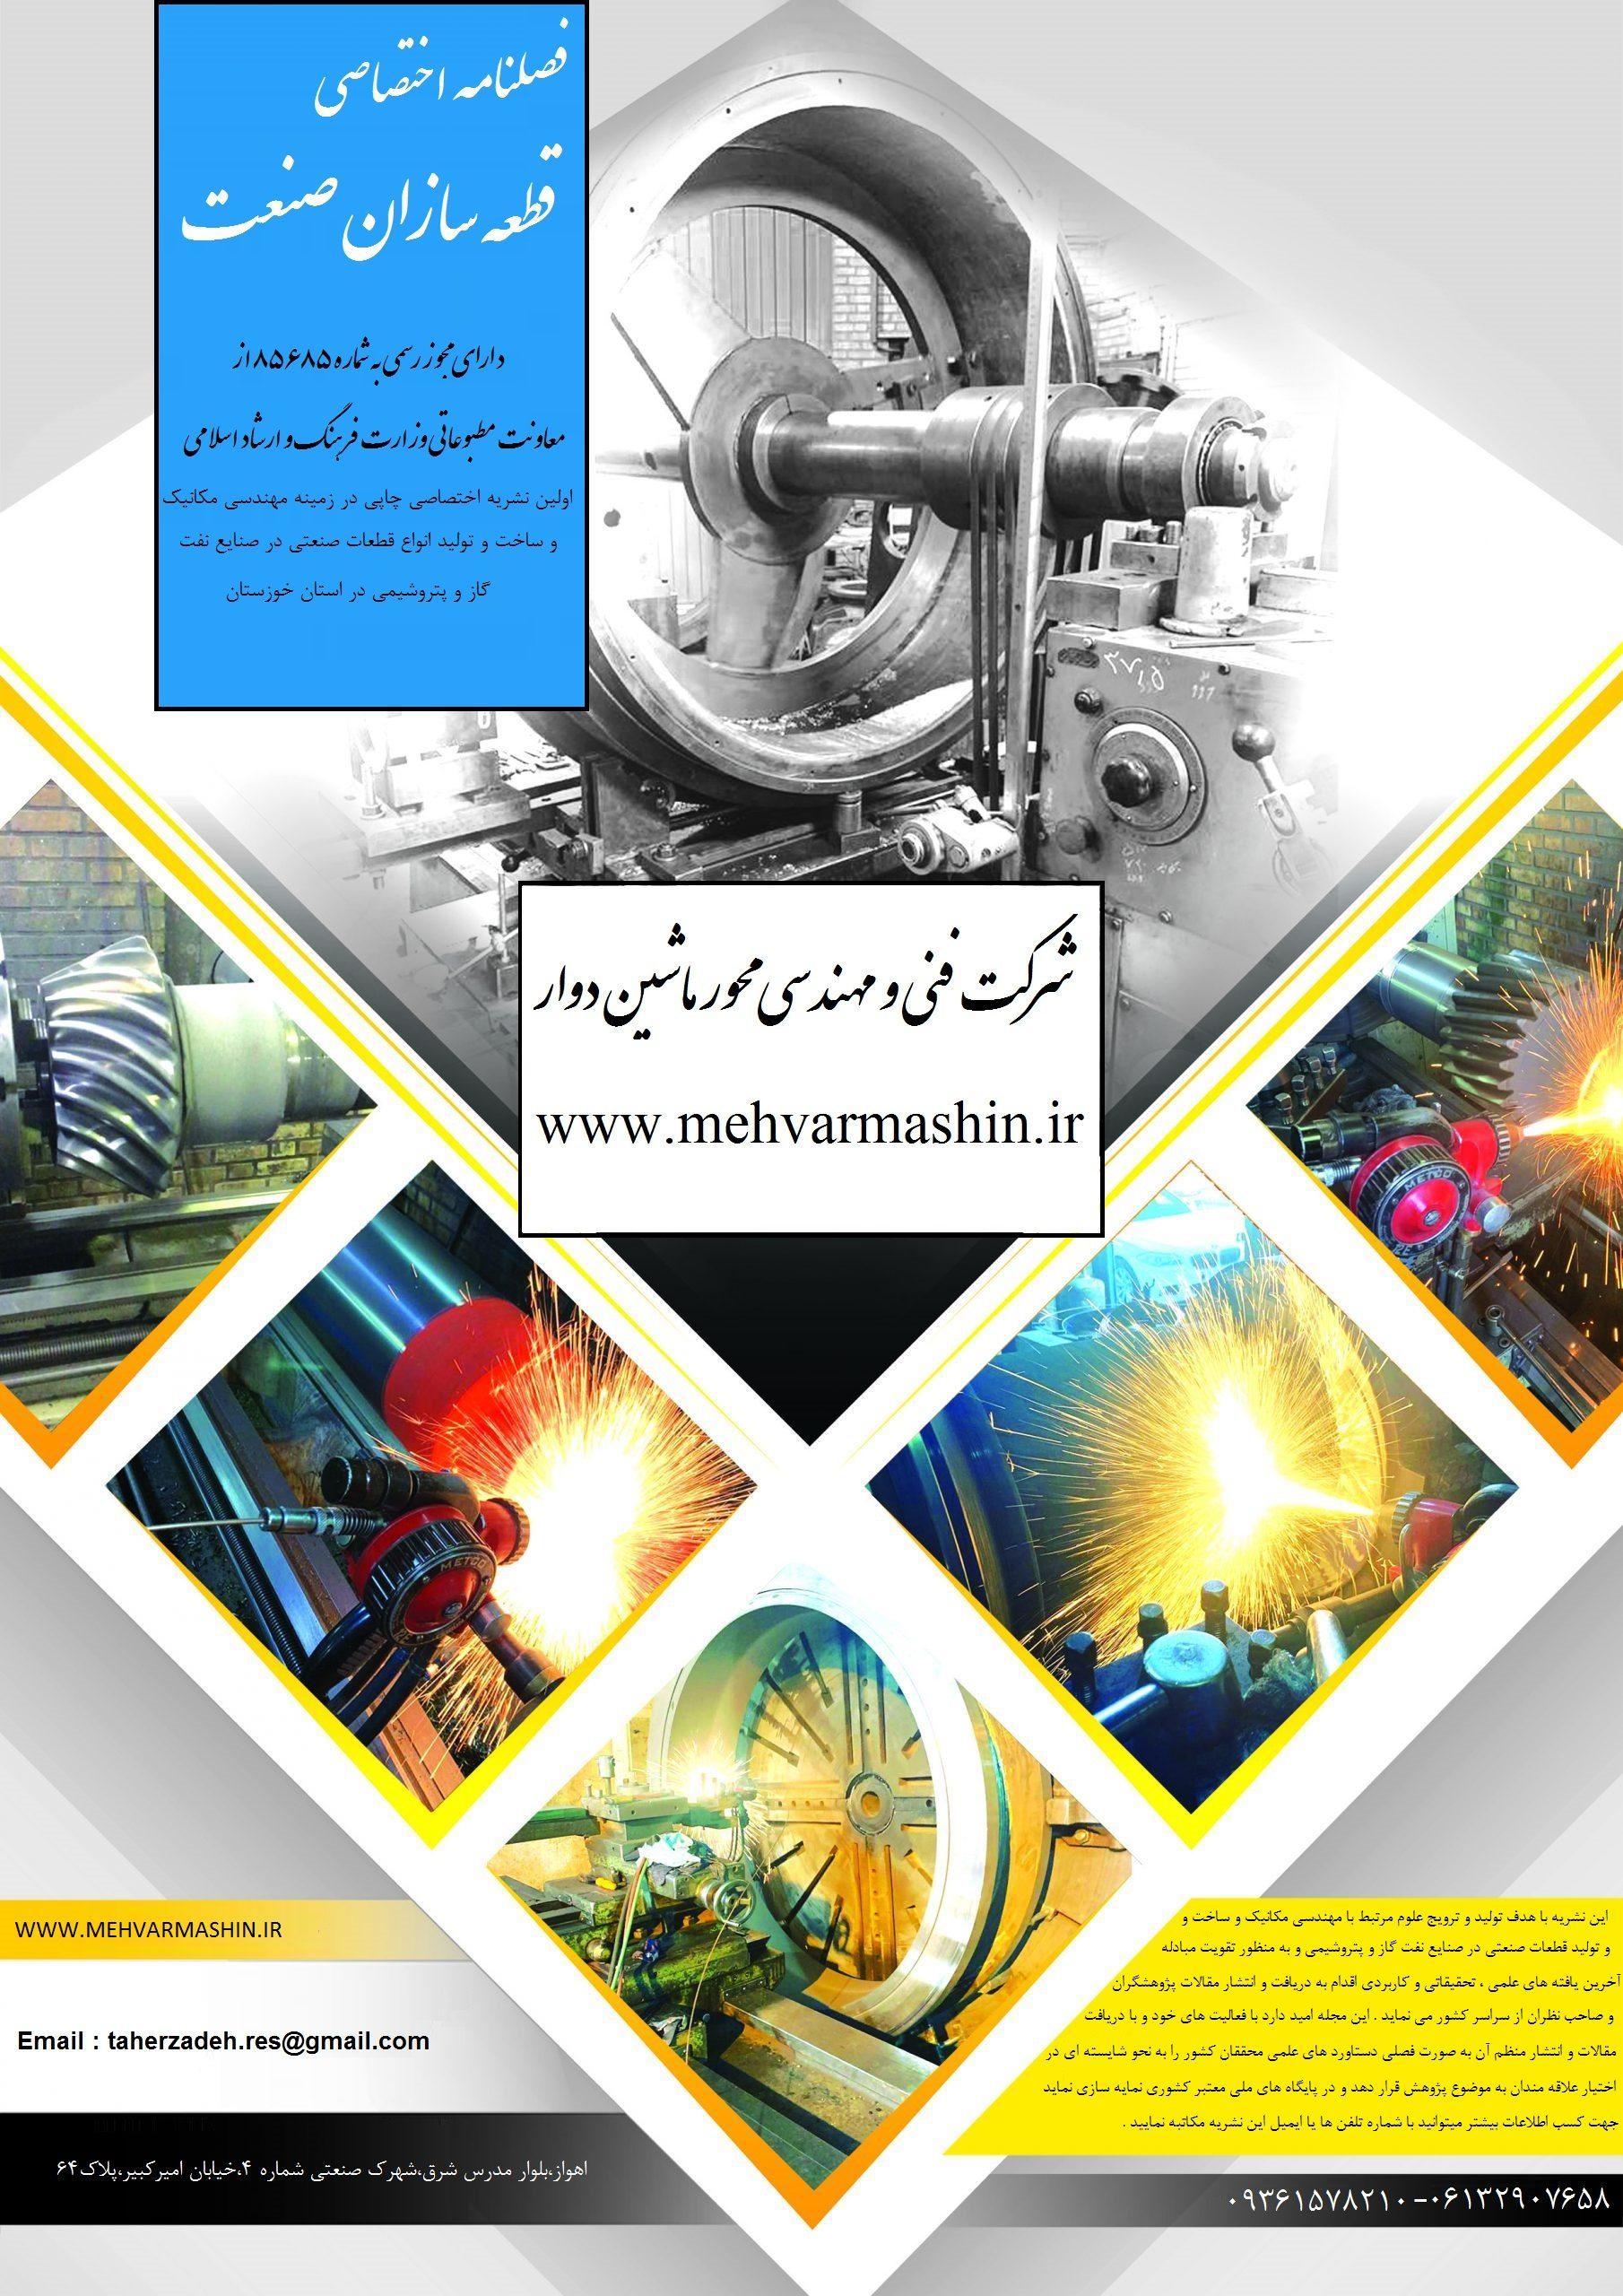 مجله قطعه سازان صنعت